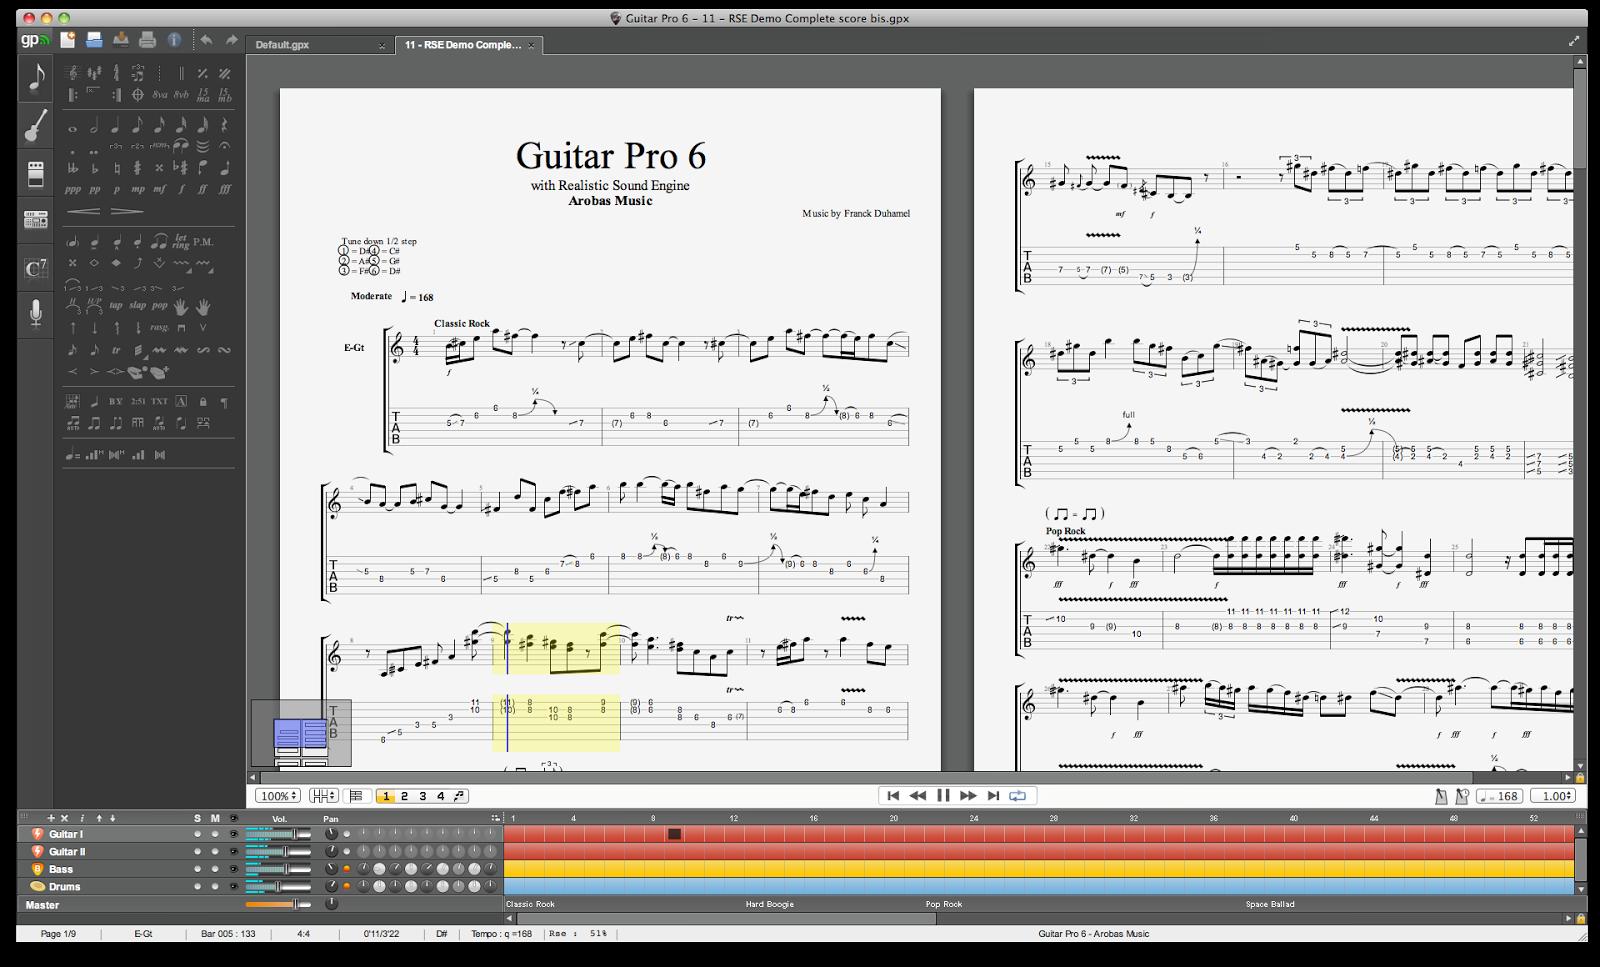 Guitar Pro 7.5.0 Crack Keygen With License Key Full Version Free Download